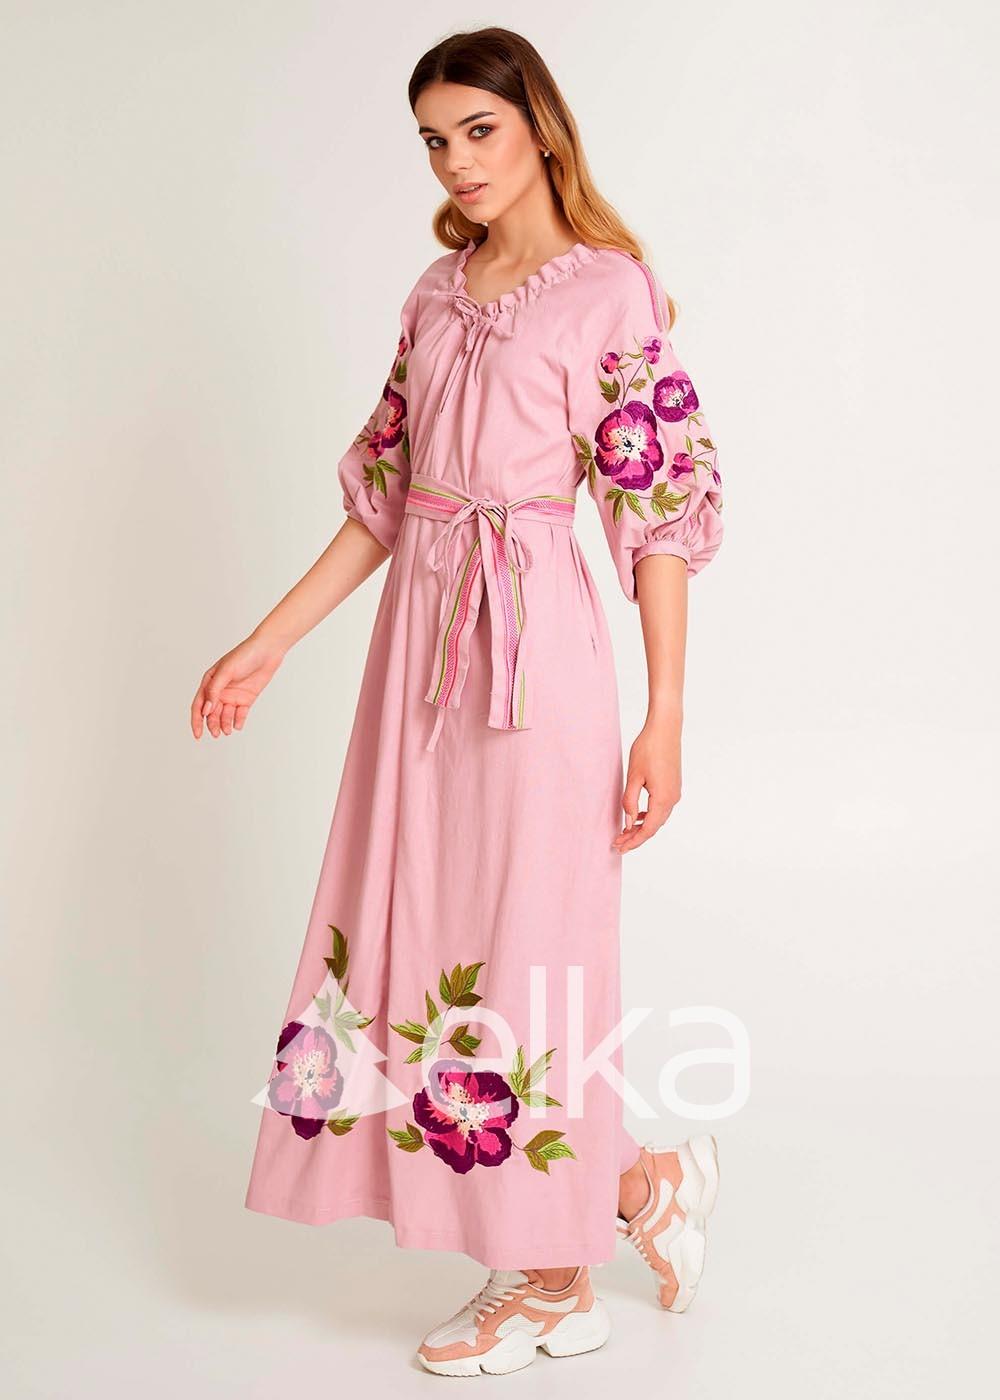 Стильные платье вышиванки